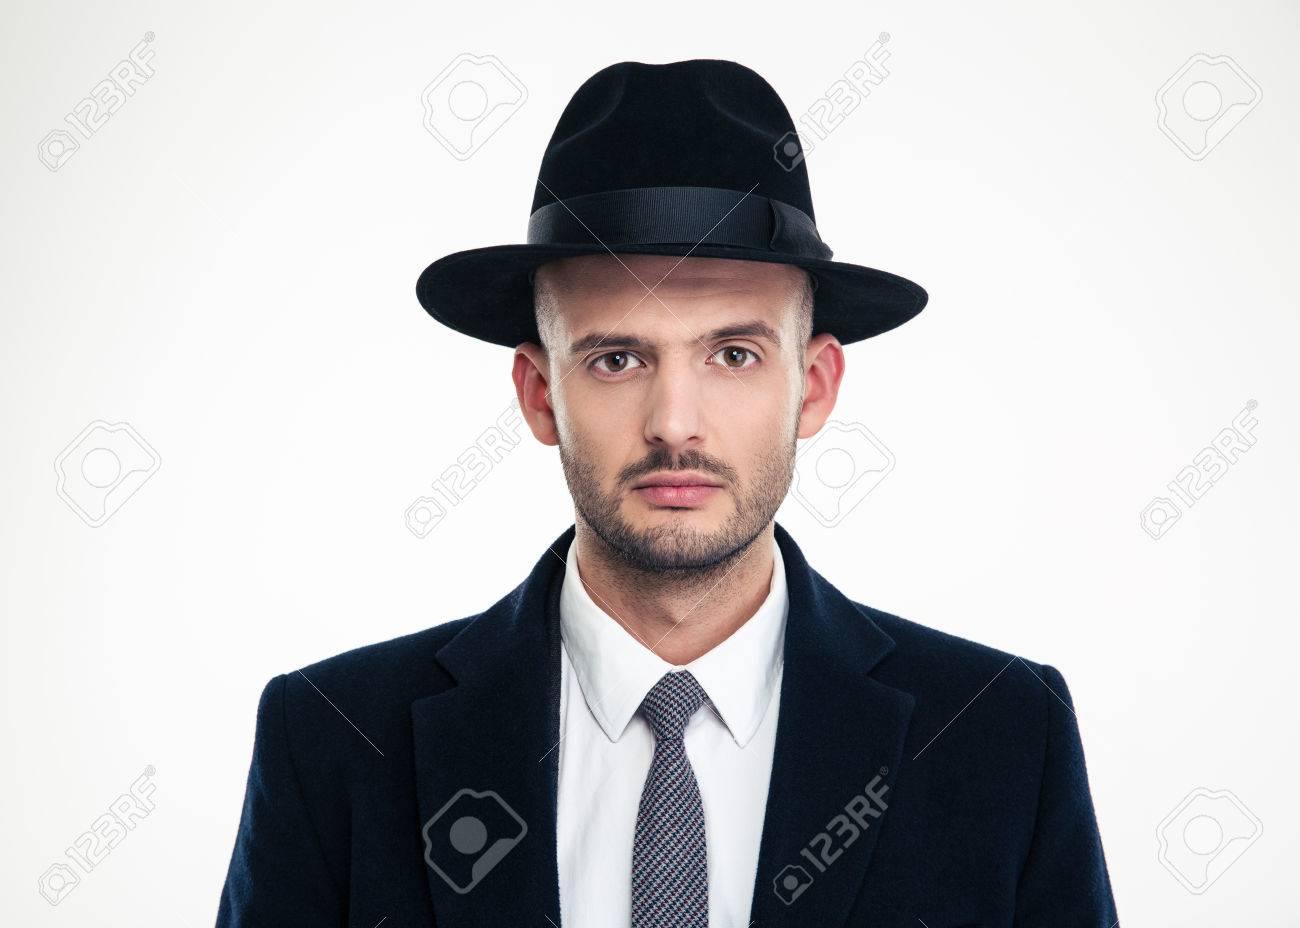 Foto de archivo - Retrato de hombre de negocios joven seus en traje negro y  sombrero mirando a la cámara sobre fondo blanco 40fb97ce559